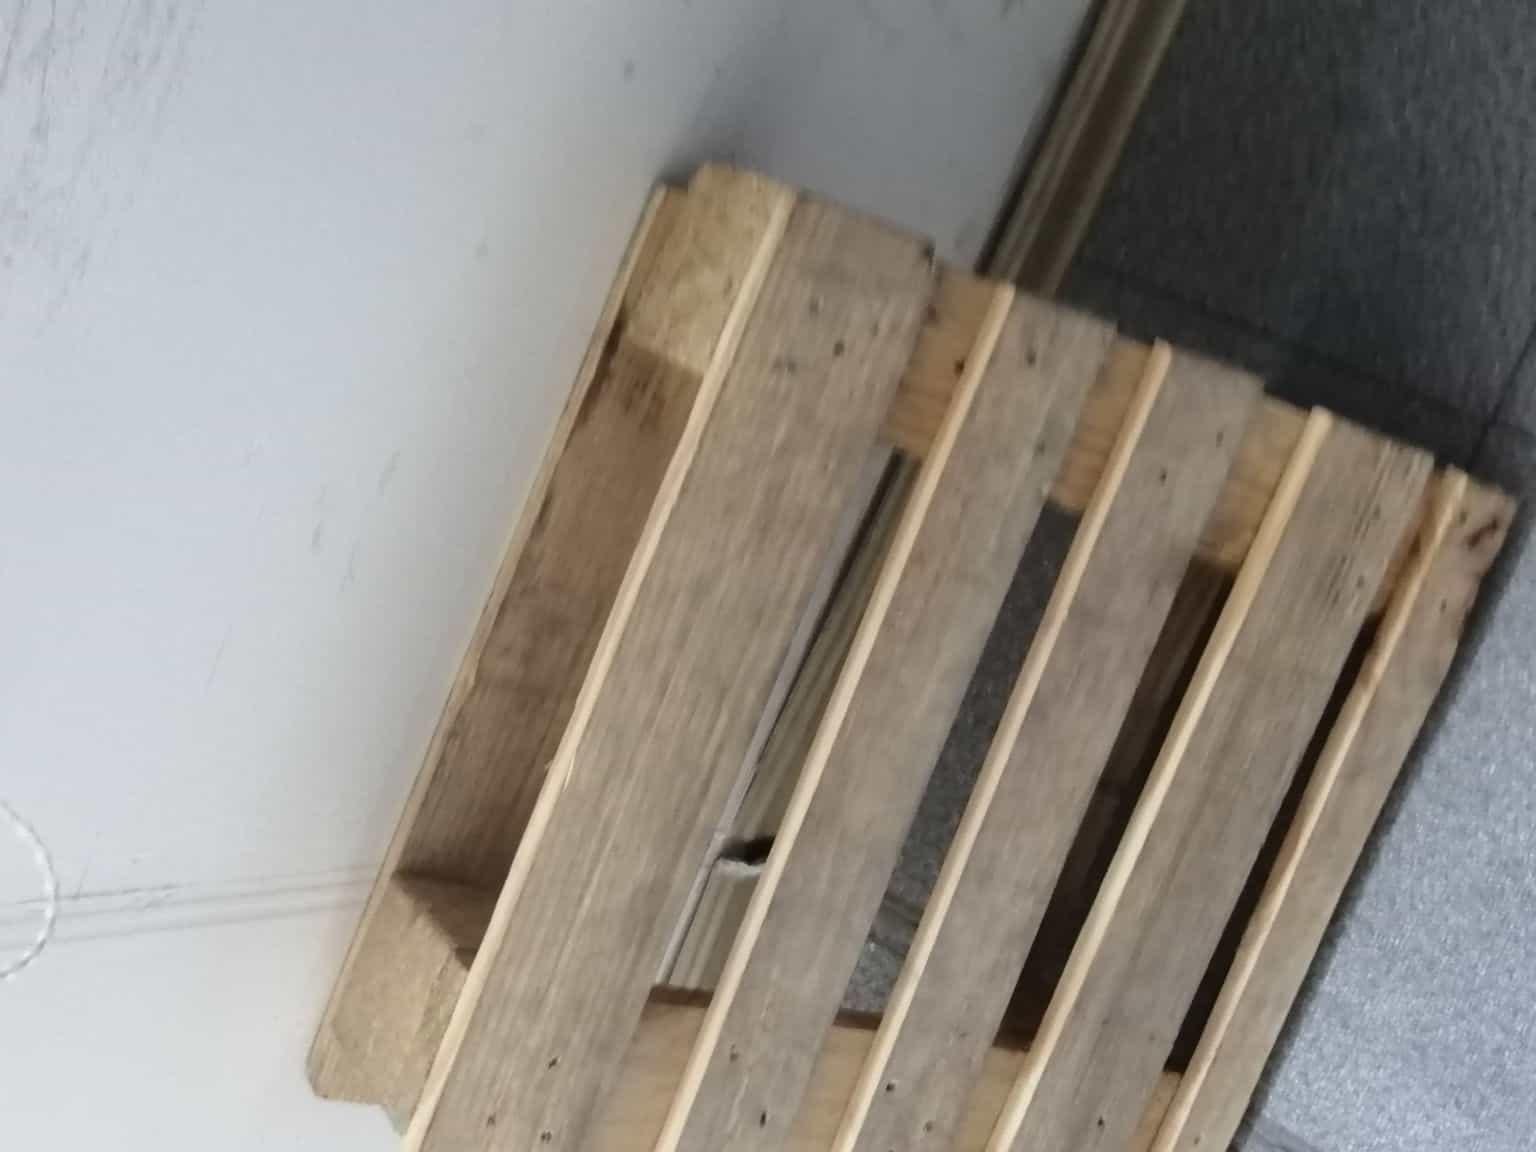 廊坊松木板?,◎☽?托盘报价我在项目中经常需要做的一个案例